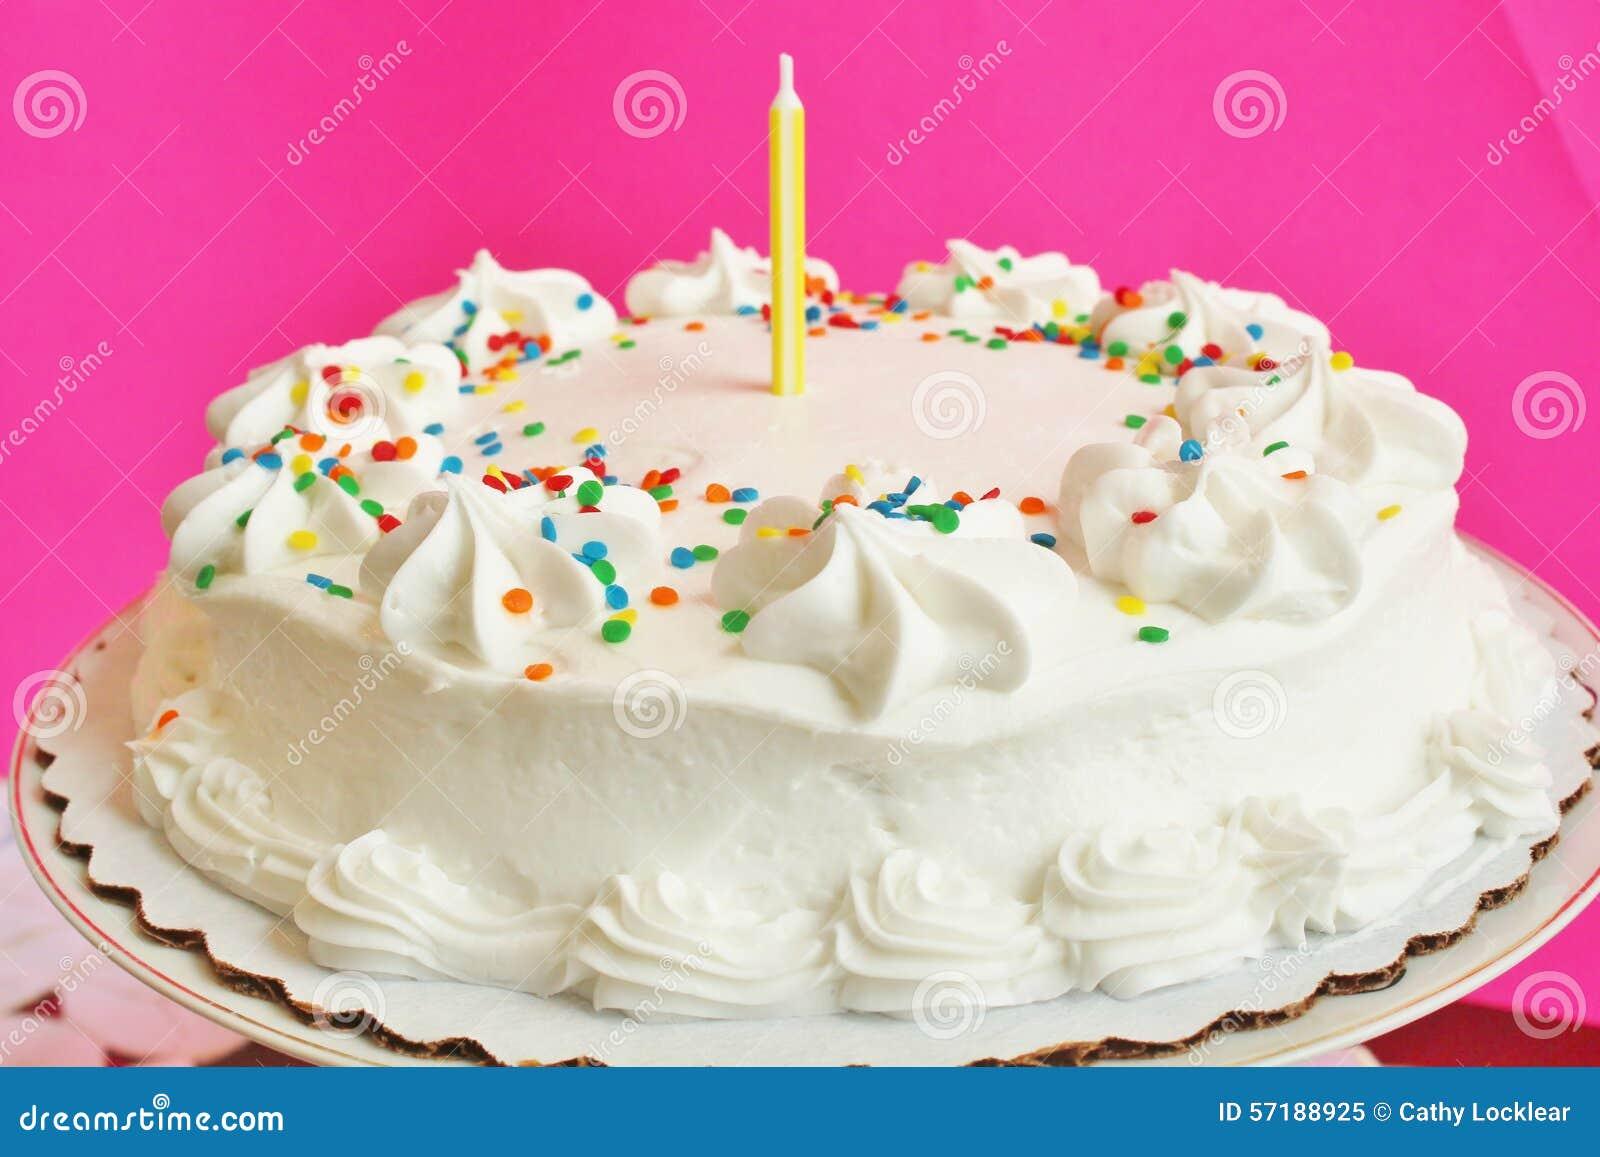 Gâteau D Anniversaire Avec 1 Bougie Image Stock Image Du